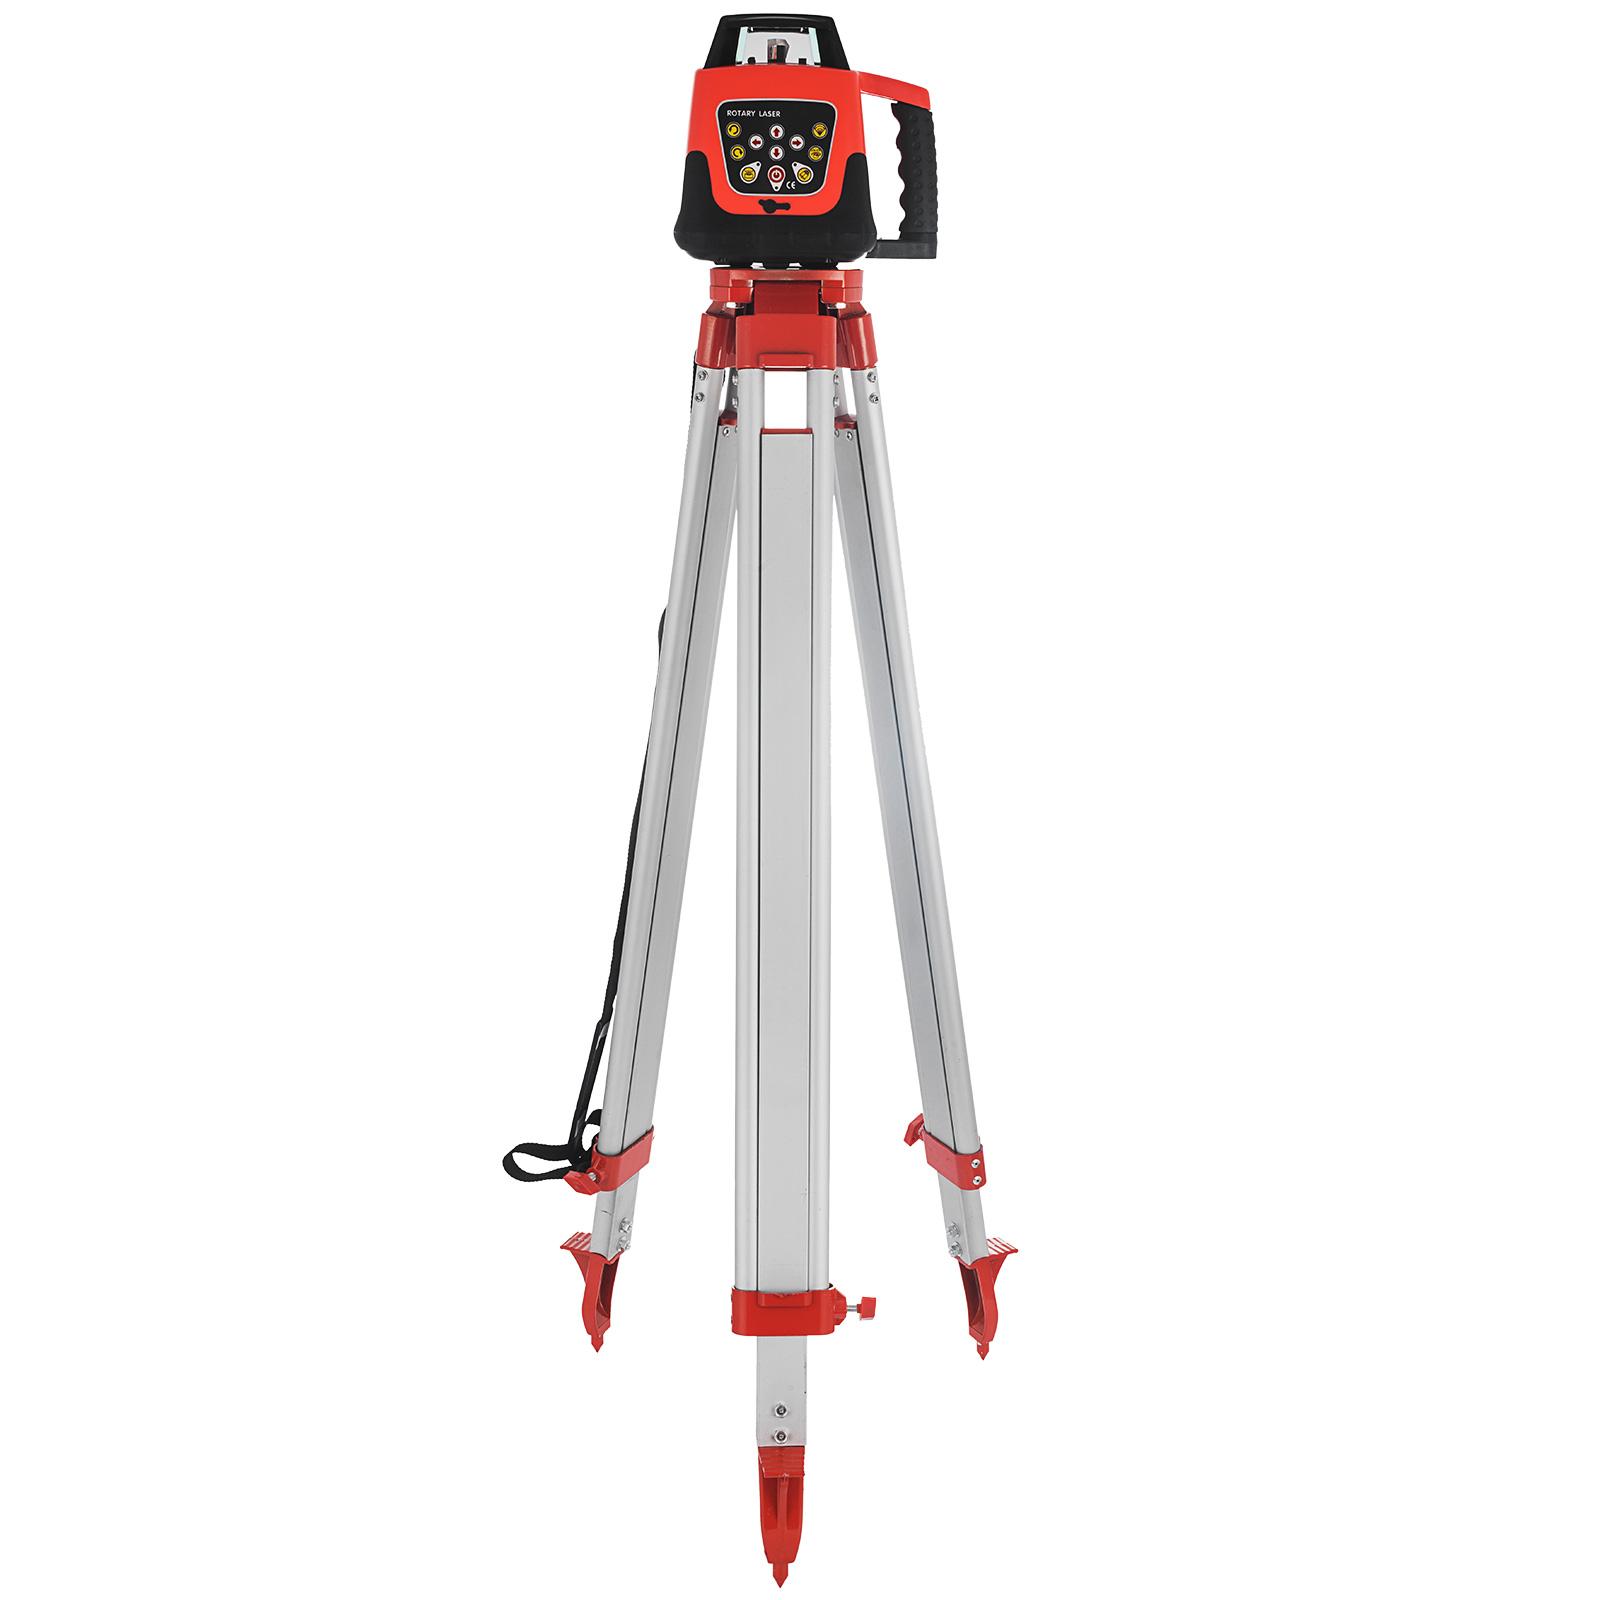 Rotationslaser 1.65M Stativ 5M Mitarbeiter Rot Laser Level Laser Niveau Rotation